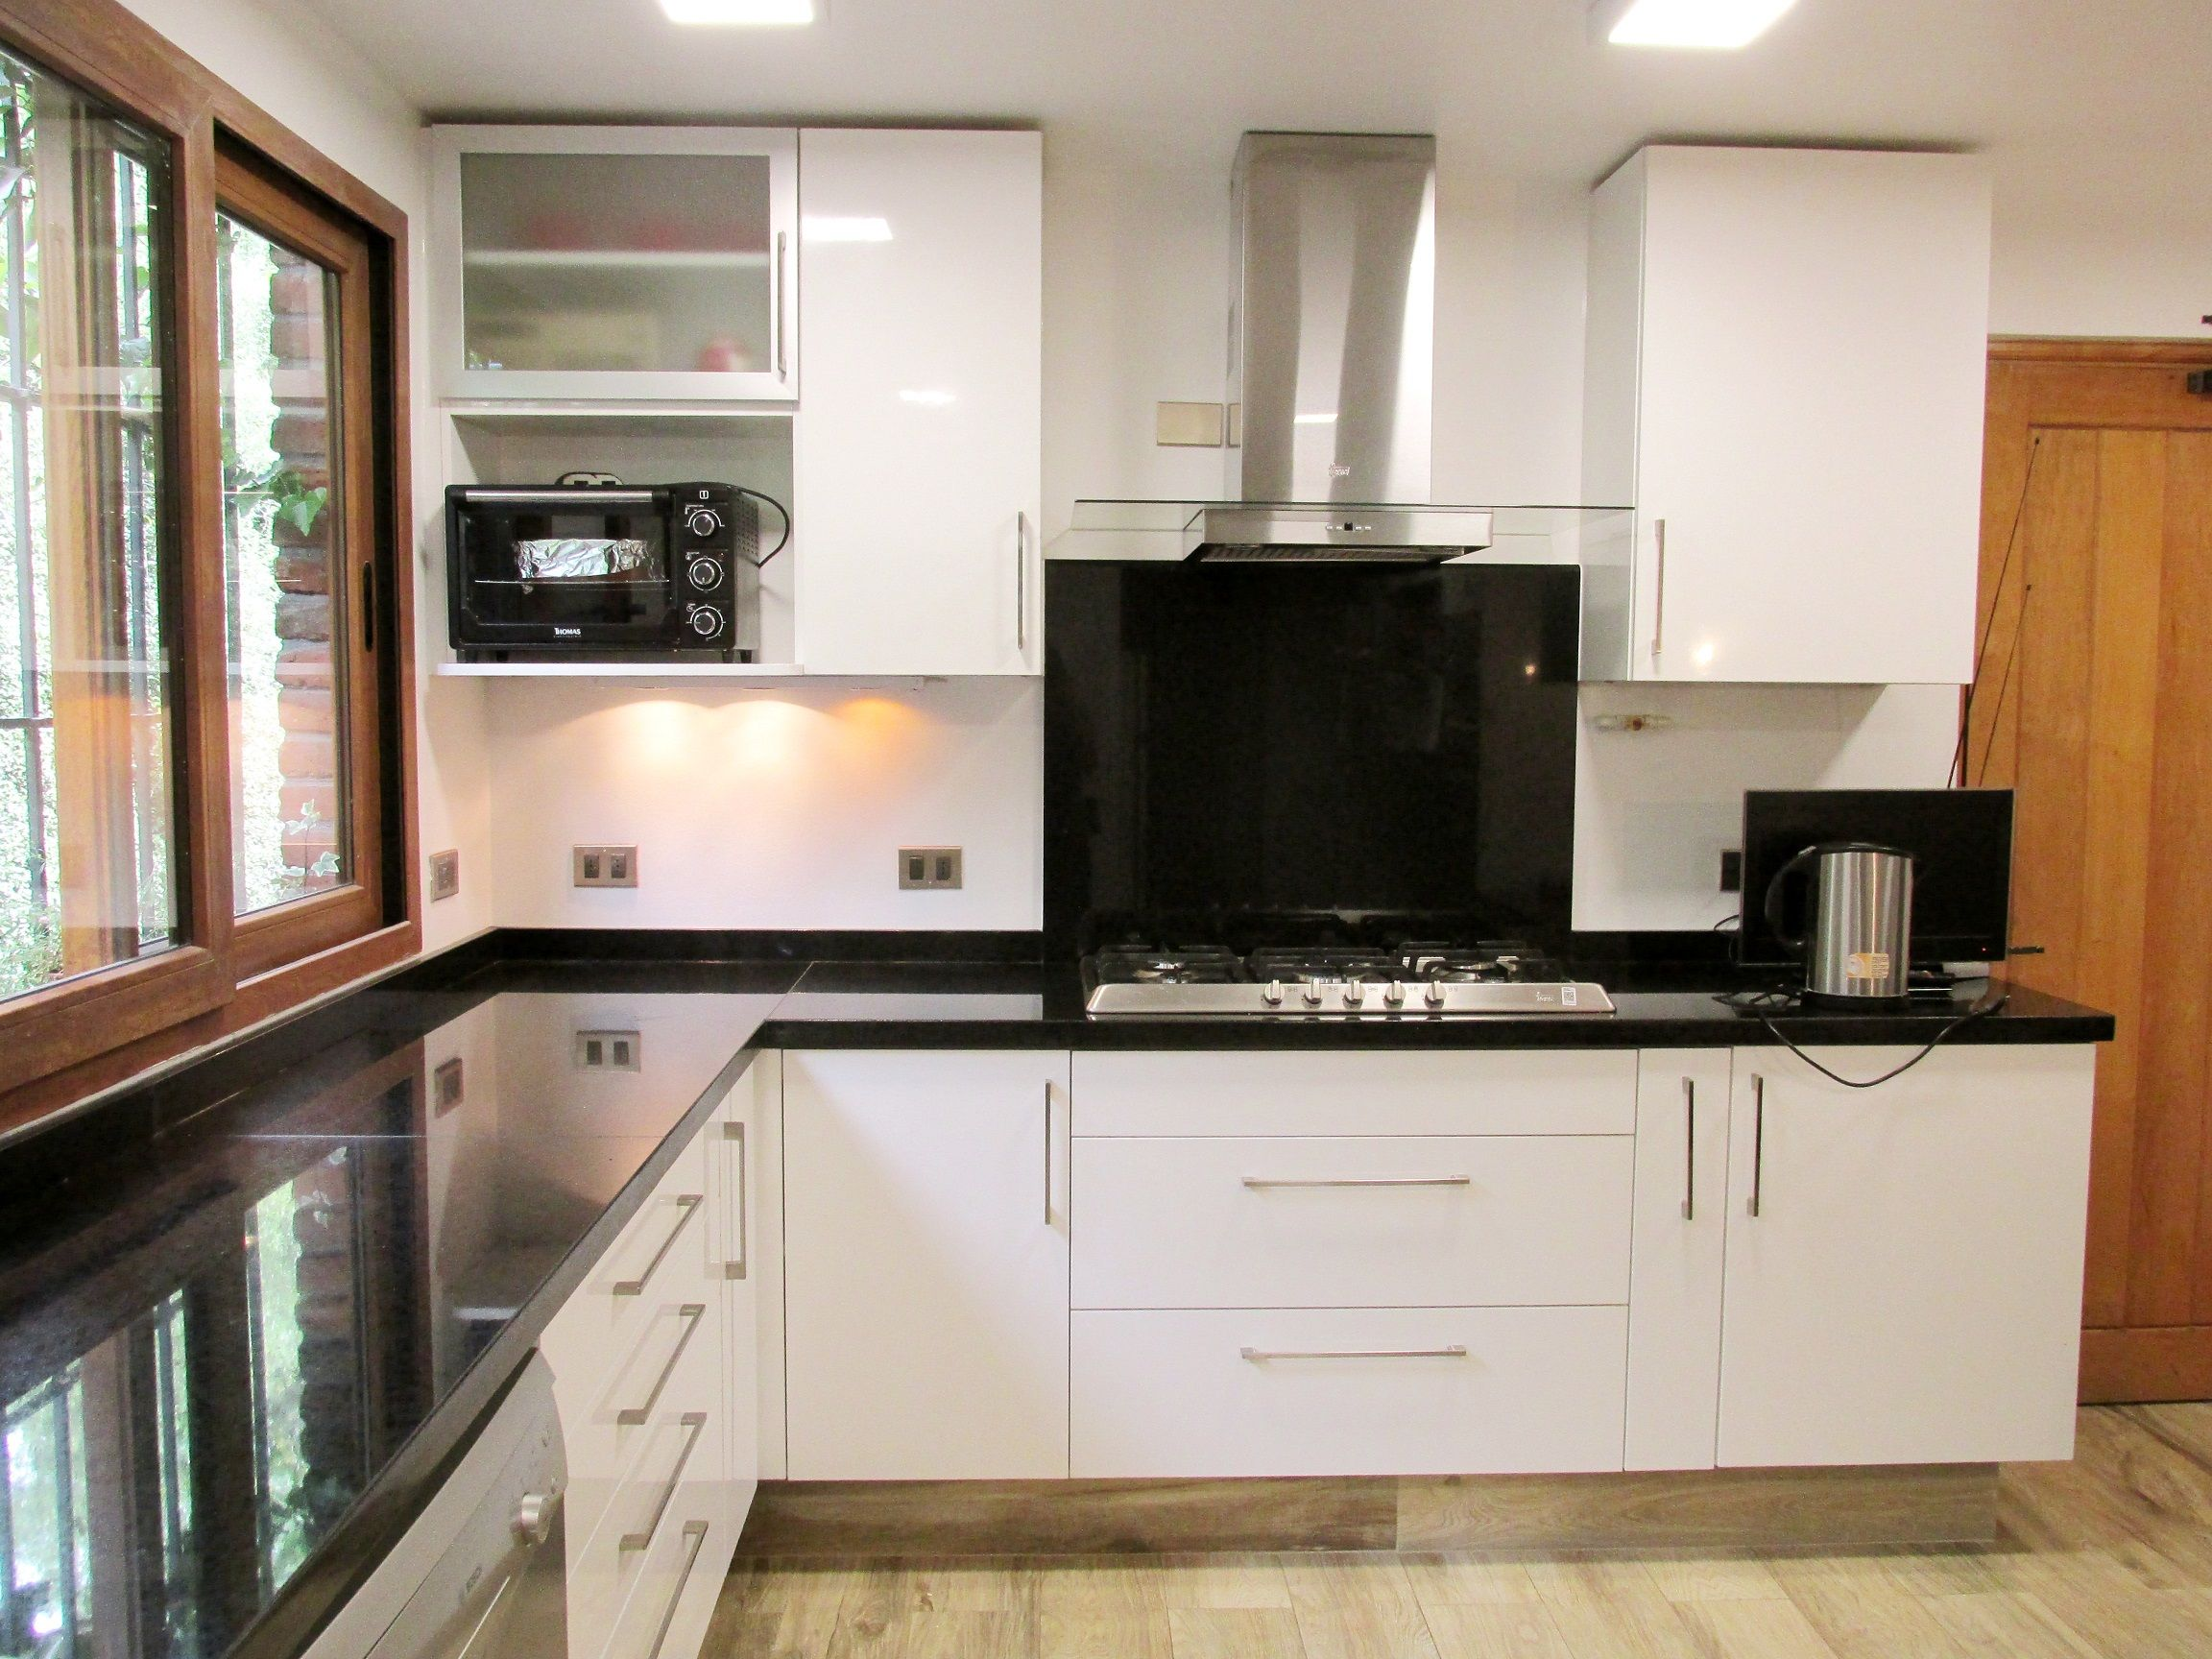 Muebles de cocina blanco brillante con cubierta de granito for Cocinas modernas color blanco